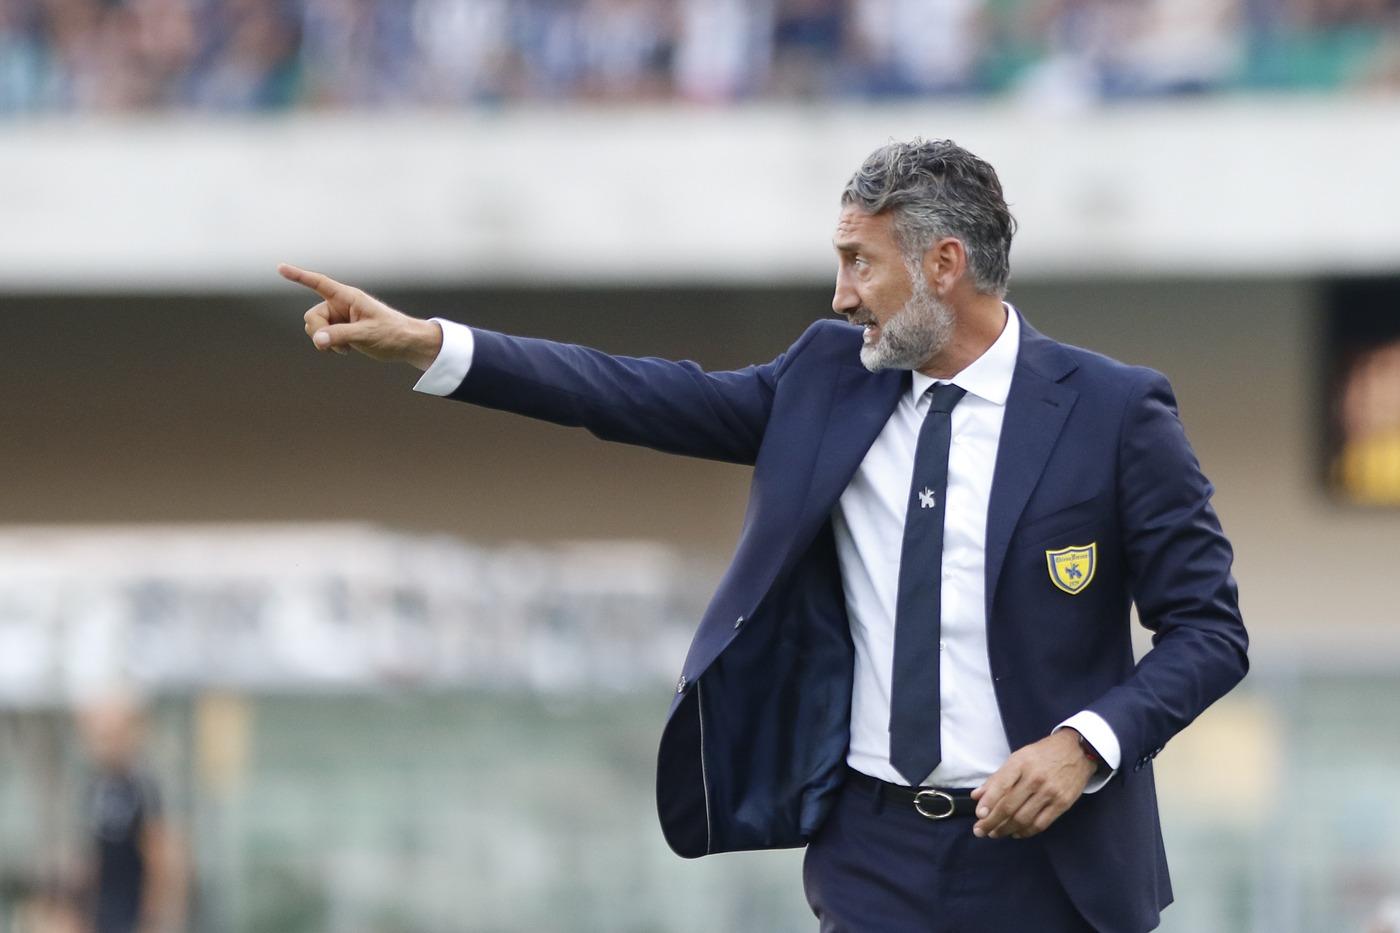 Chievo-Empoli 2 settembre: si gioca per la terza giornata di Serie A. Entrambe le squadre vengono da una sconfitta nell'ultimo turno.